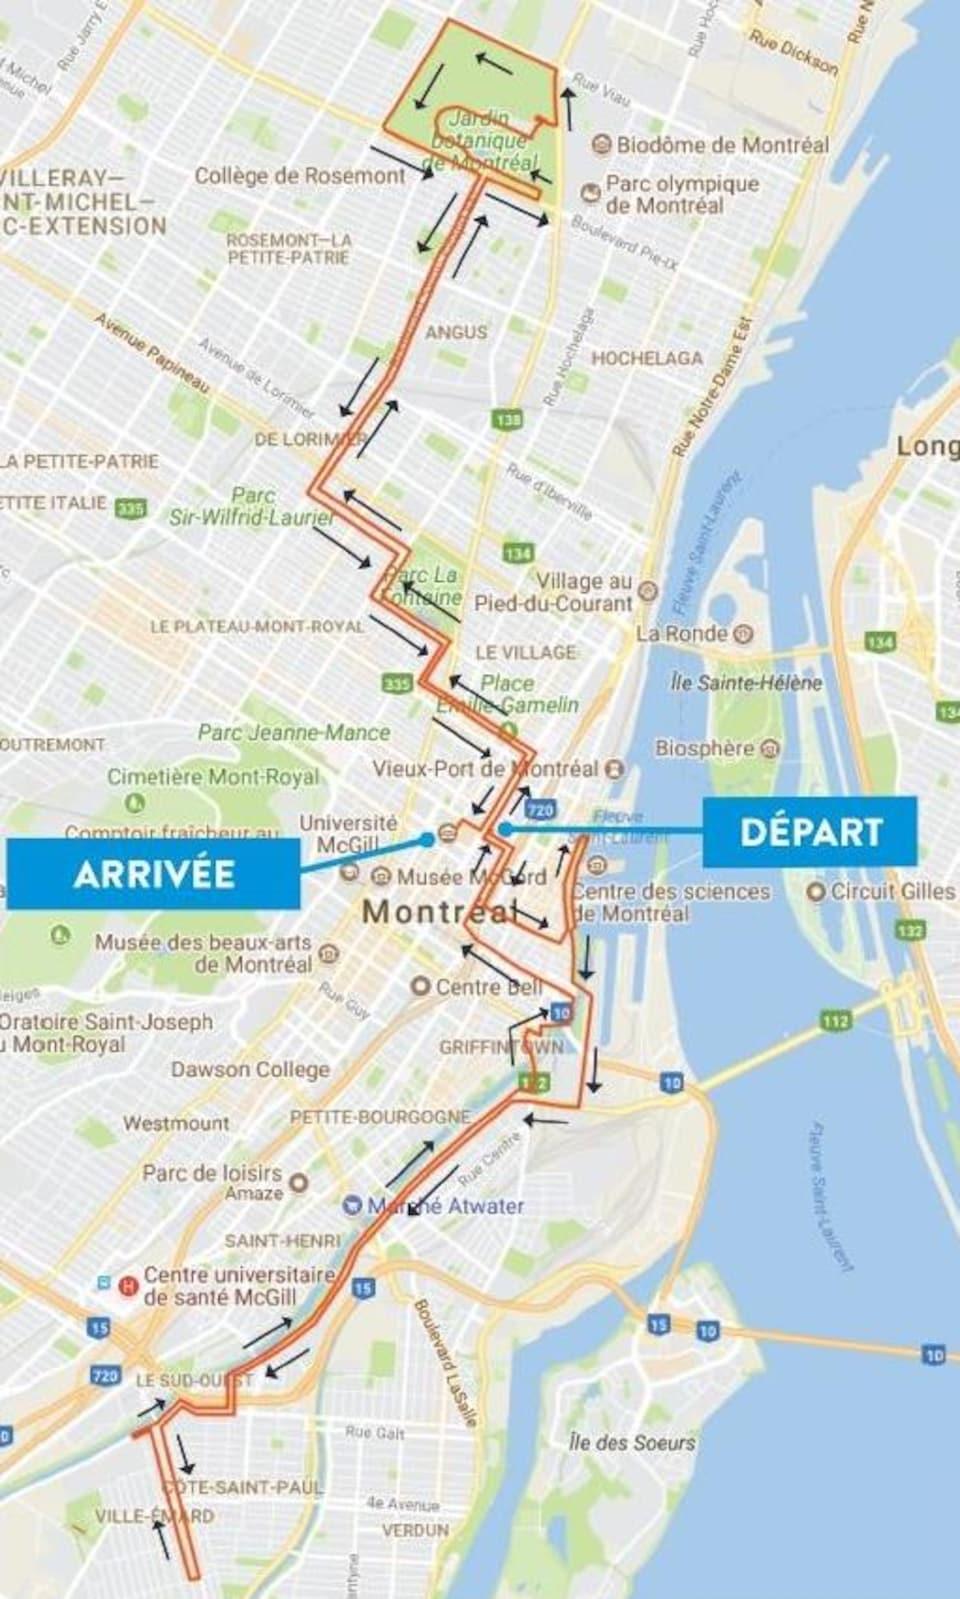 Le tracé du marathon de Montréal de 2018